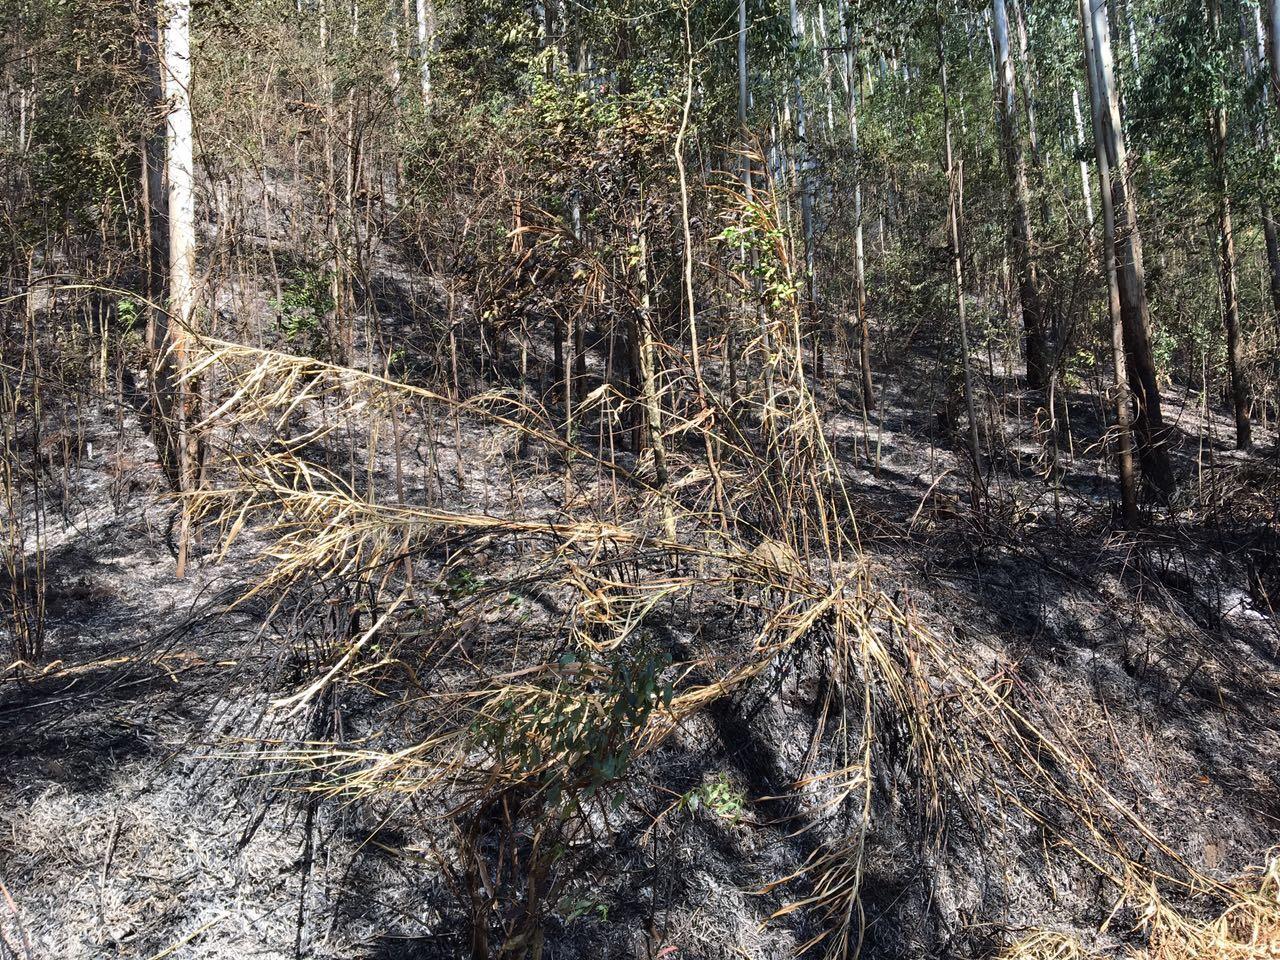 Bombeiros trabalham cerca de 3 horas em incêndio em vegetação